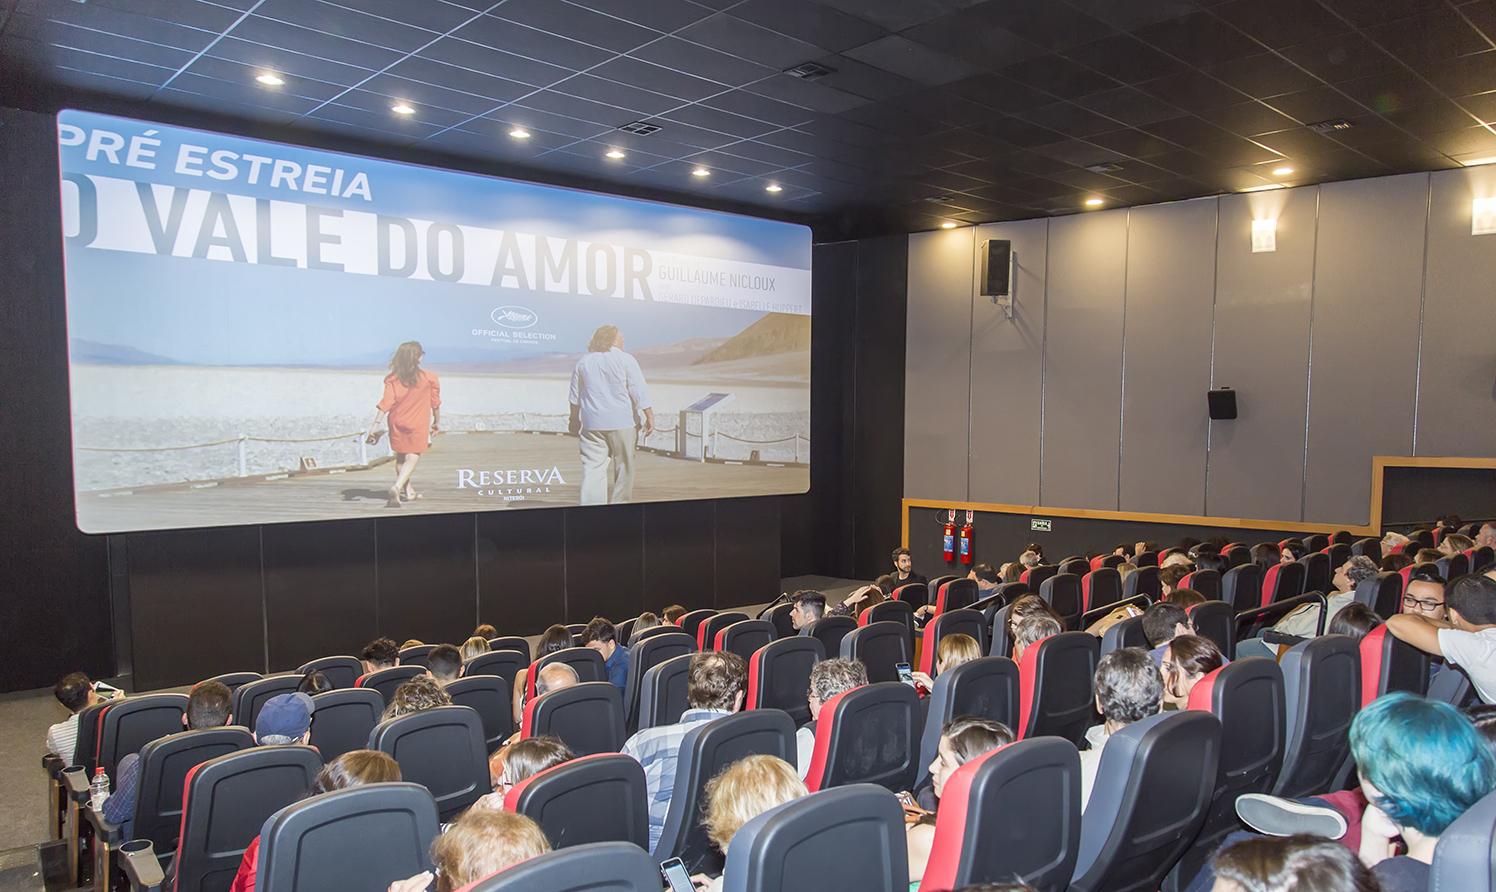 Saiba como pagar menos no cinema!